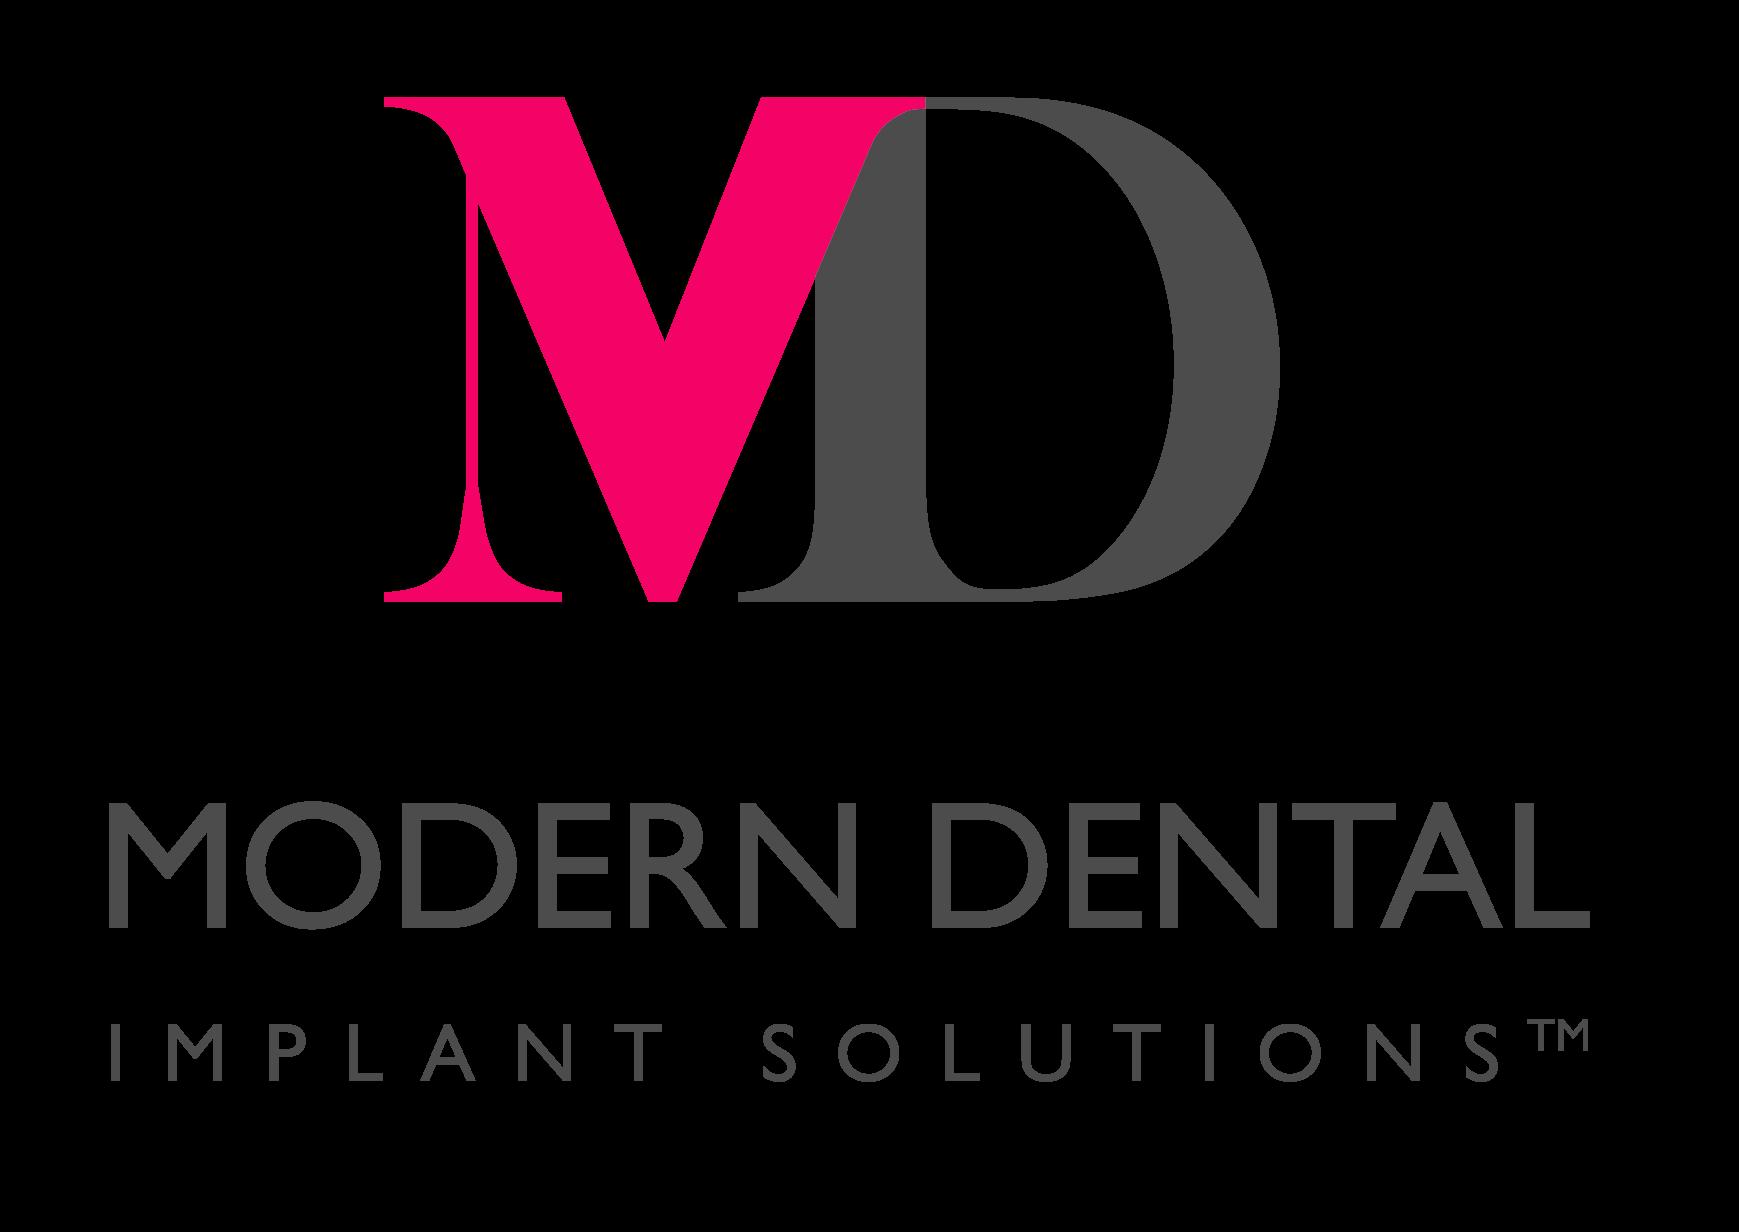 Modern Dental Implant Solution | Sarasota Dental Implants